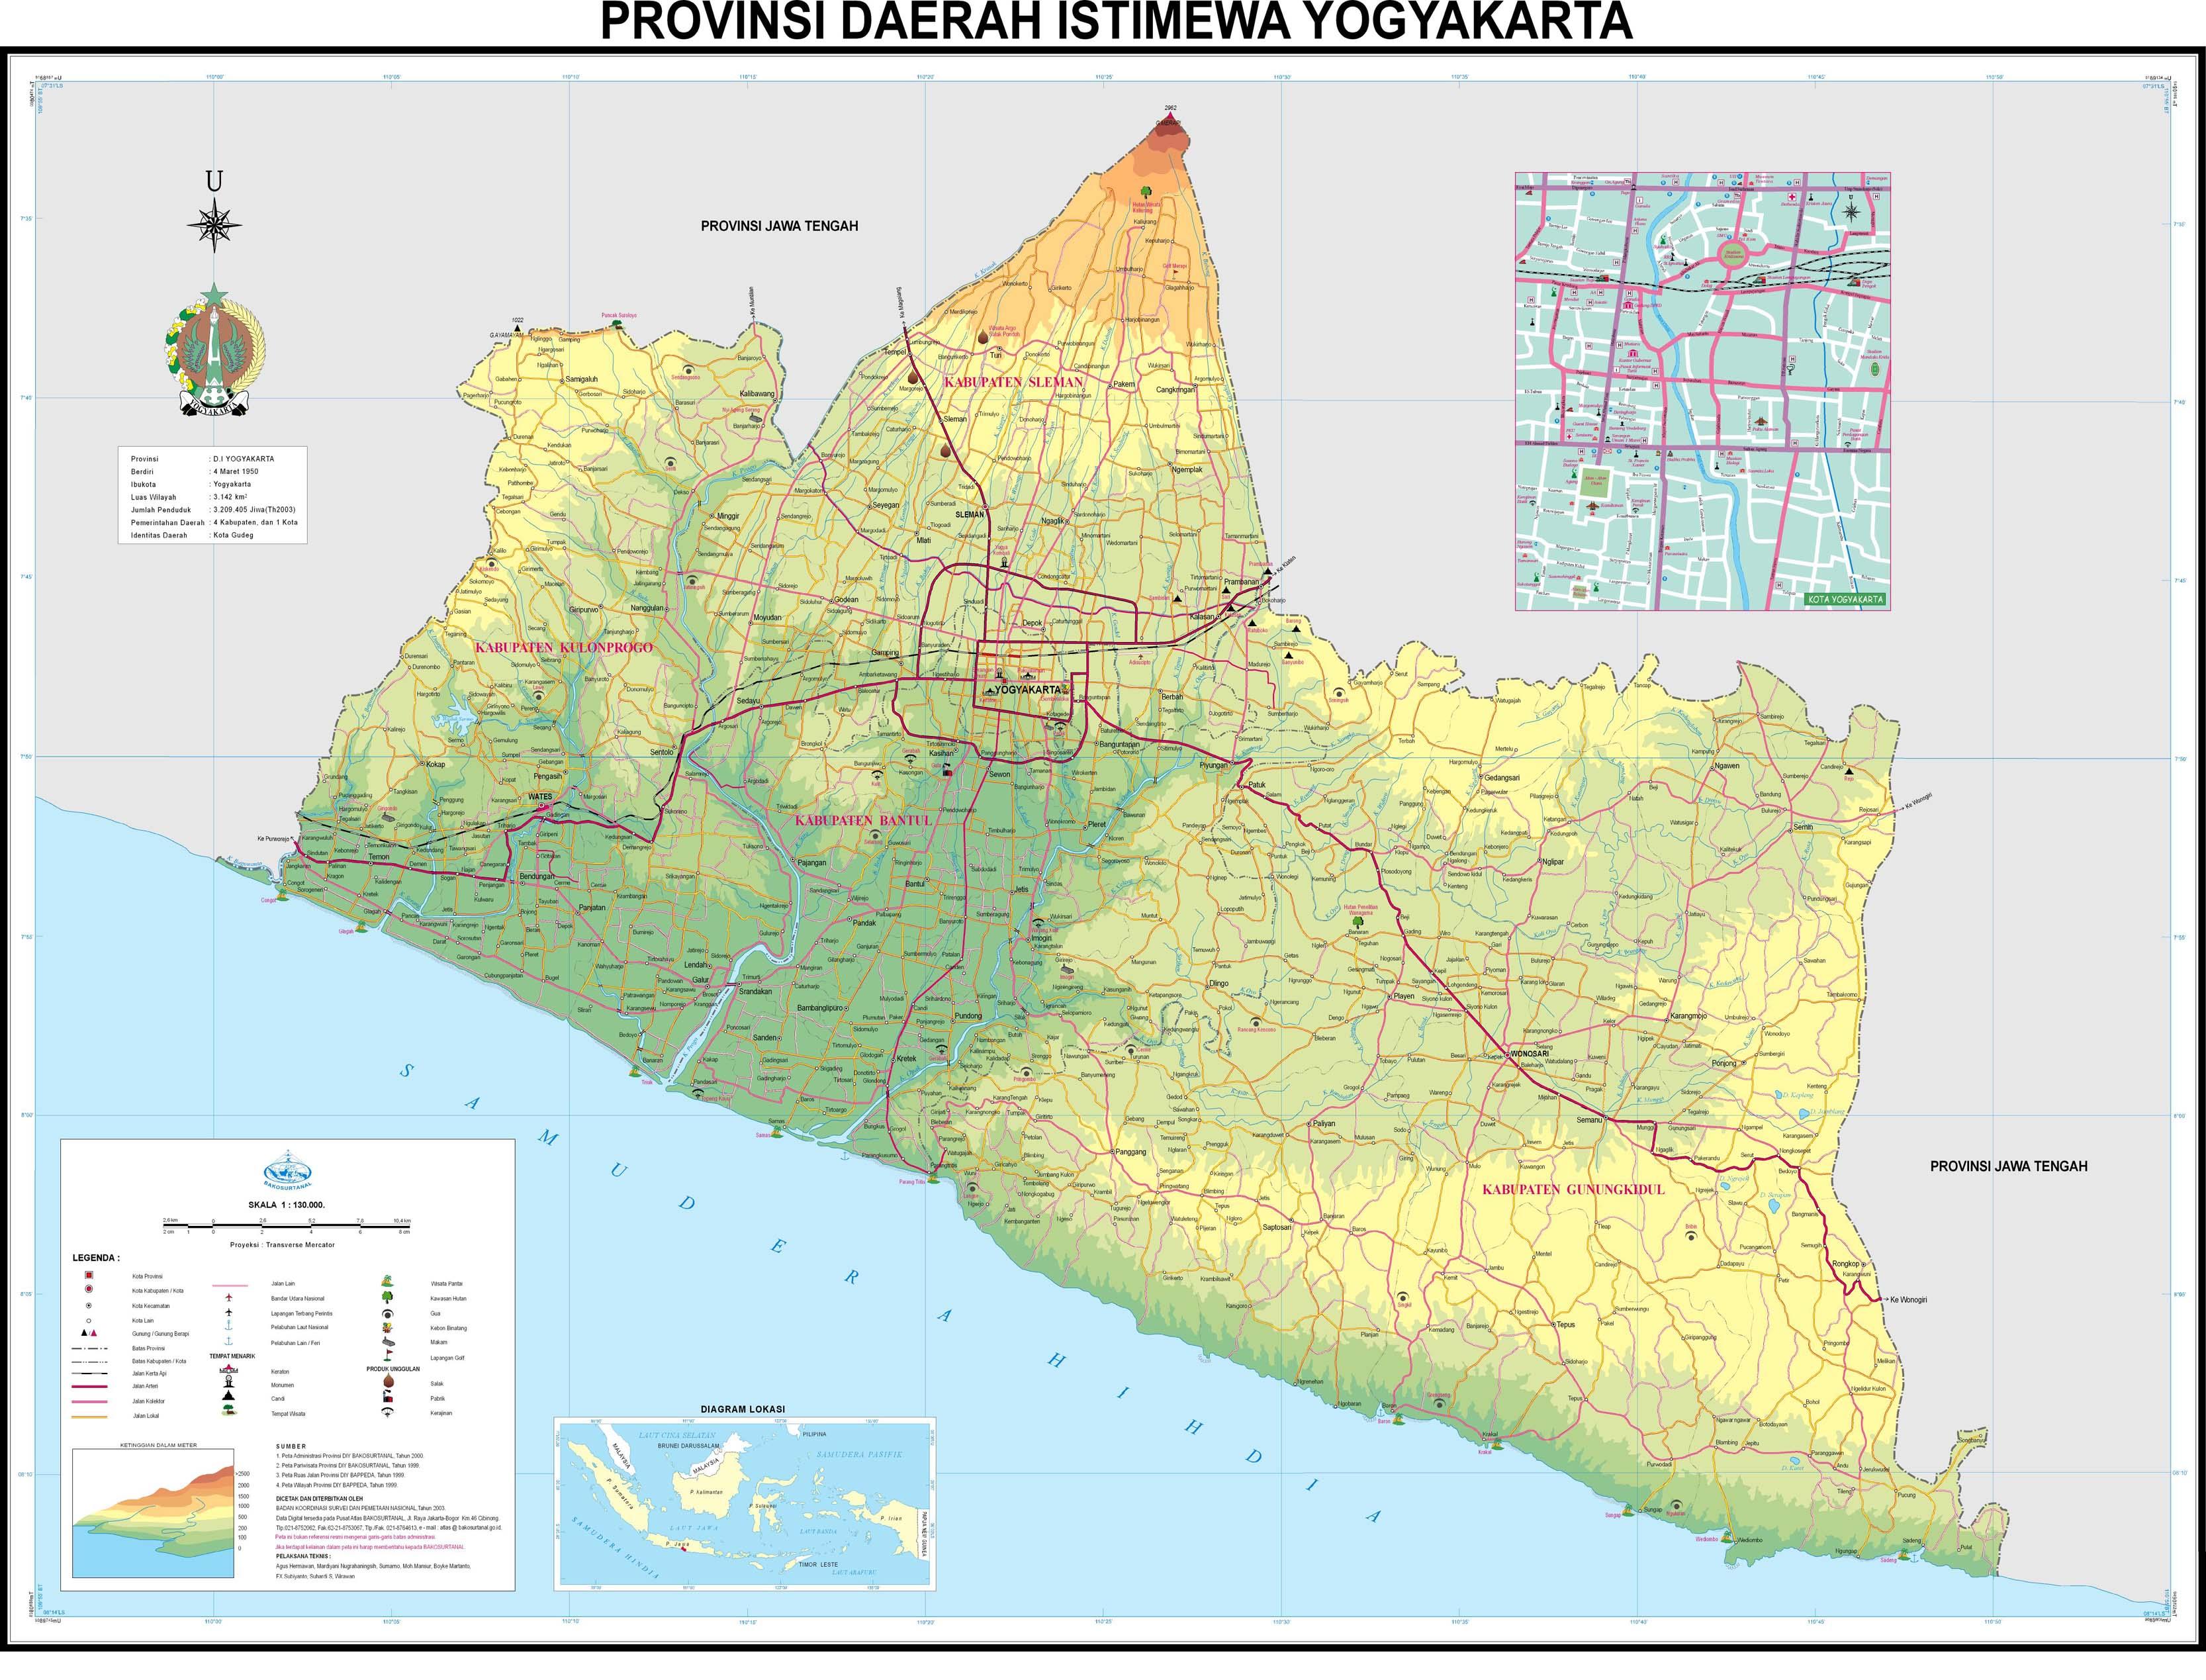 Peta Kota Provinsi Daerah Istimewa Yogyakarta Gambar Pulau Jawa Terbaru